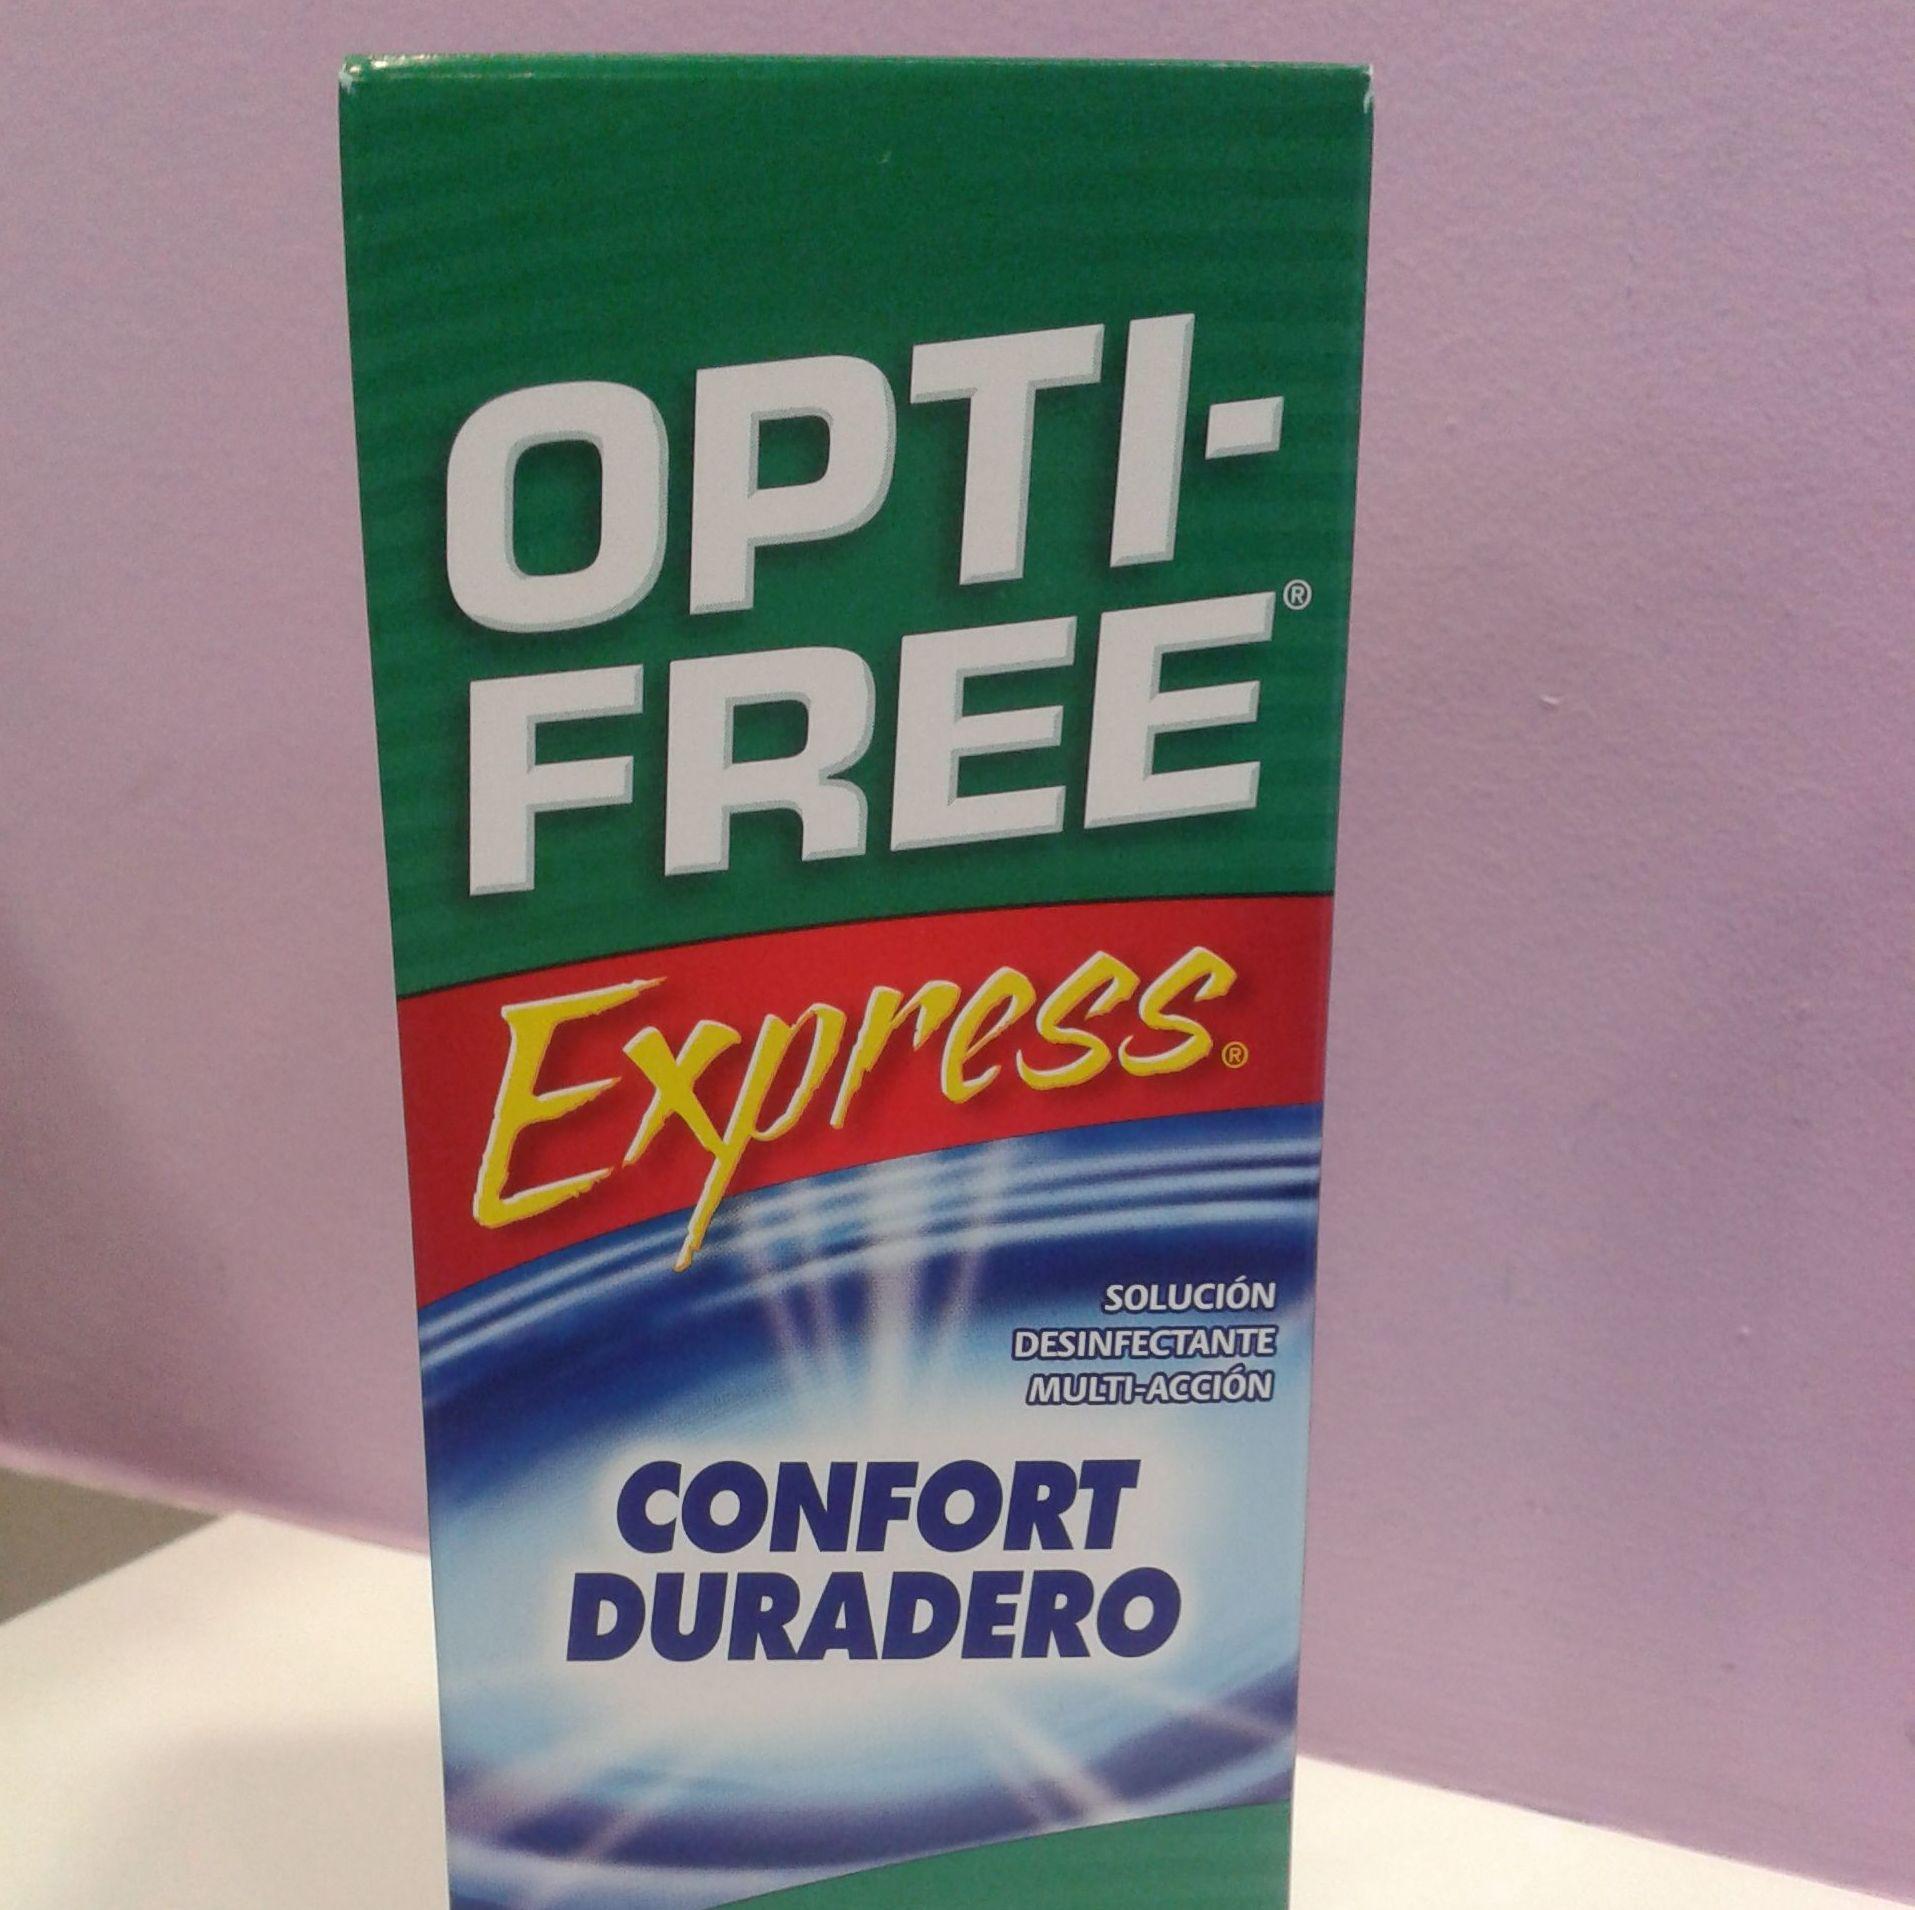 Solución desinfectante